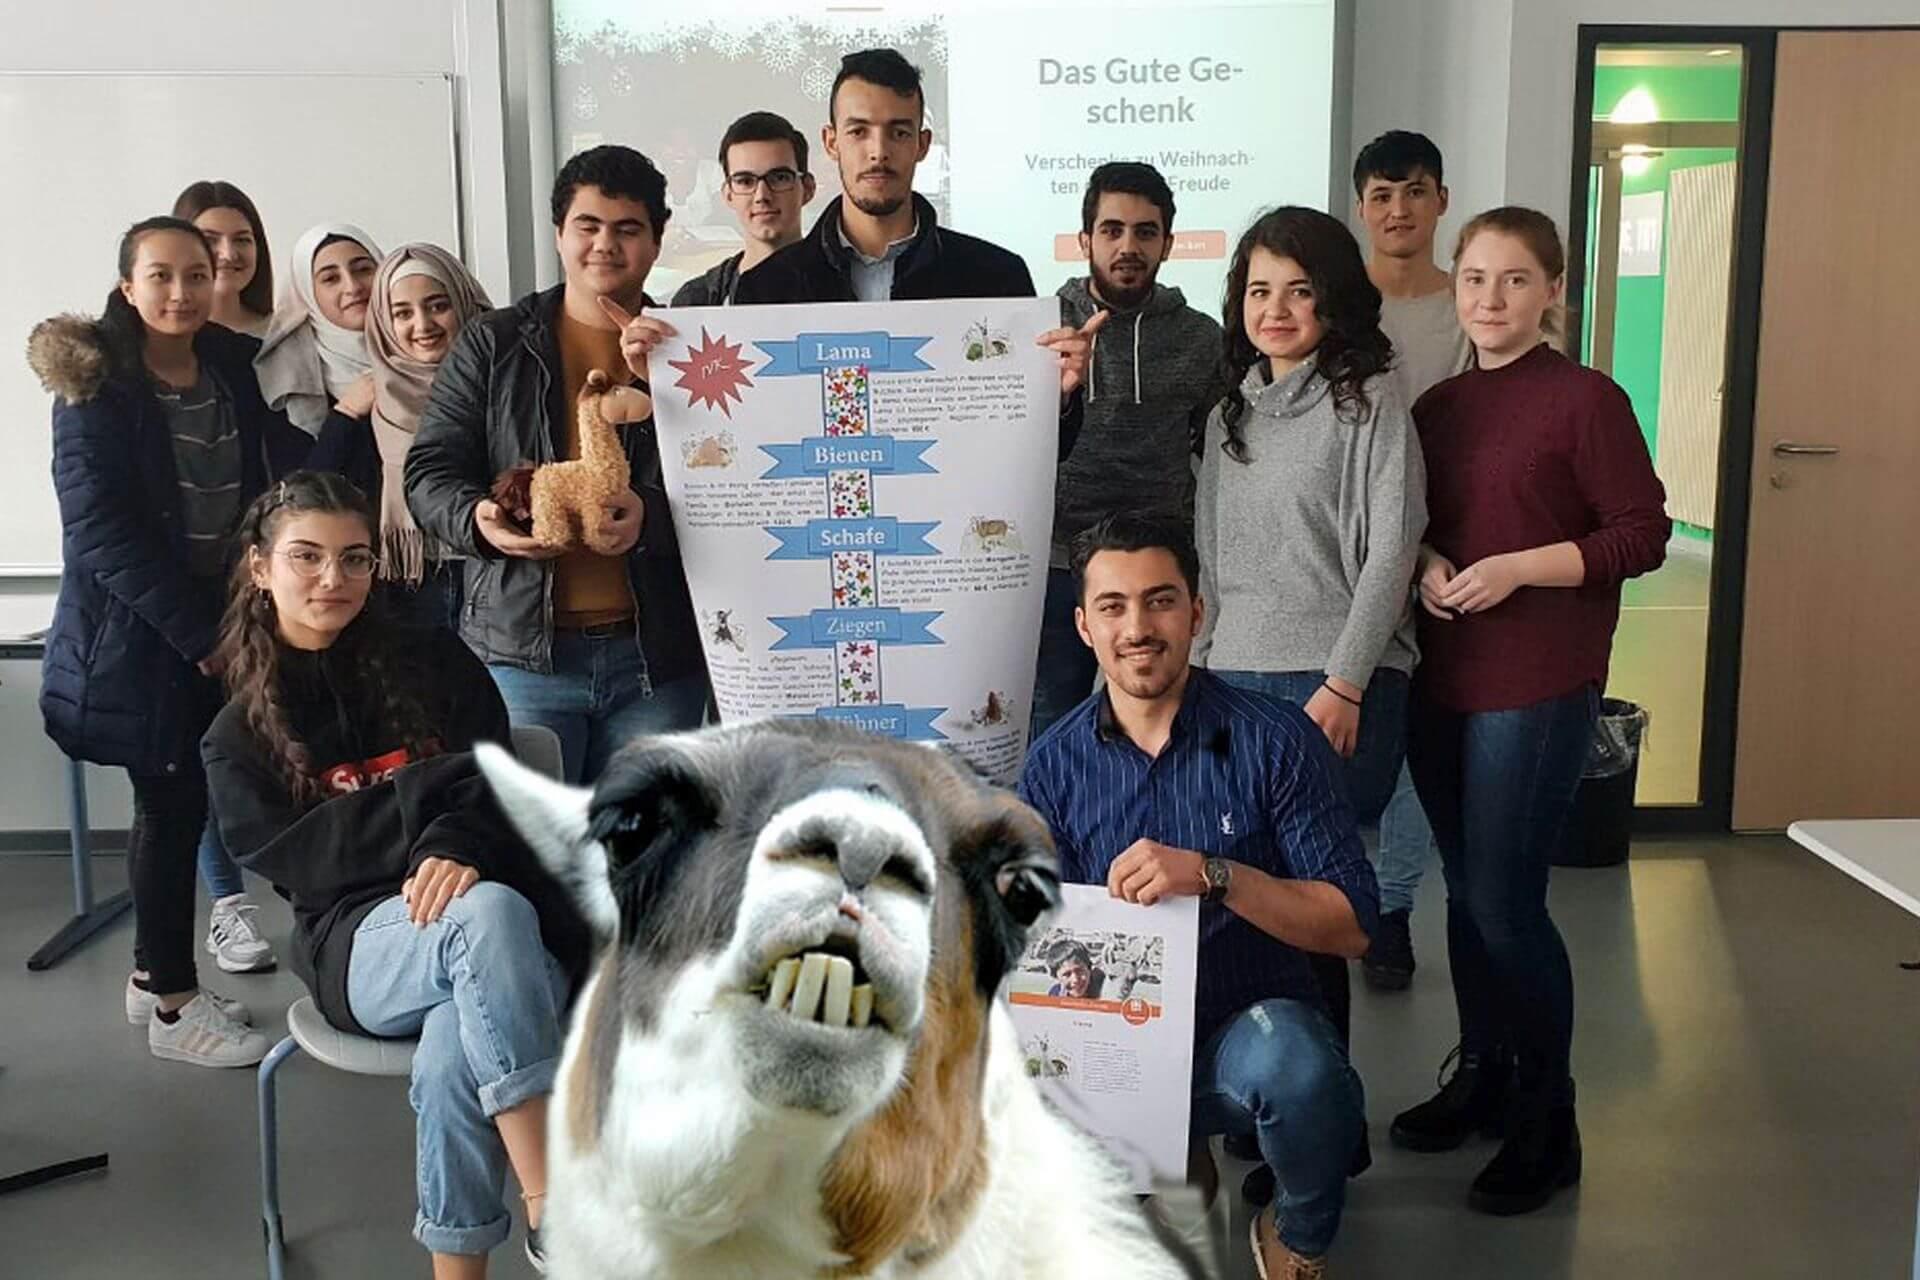 Spenden Für Ein Lama